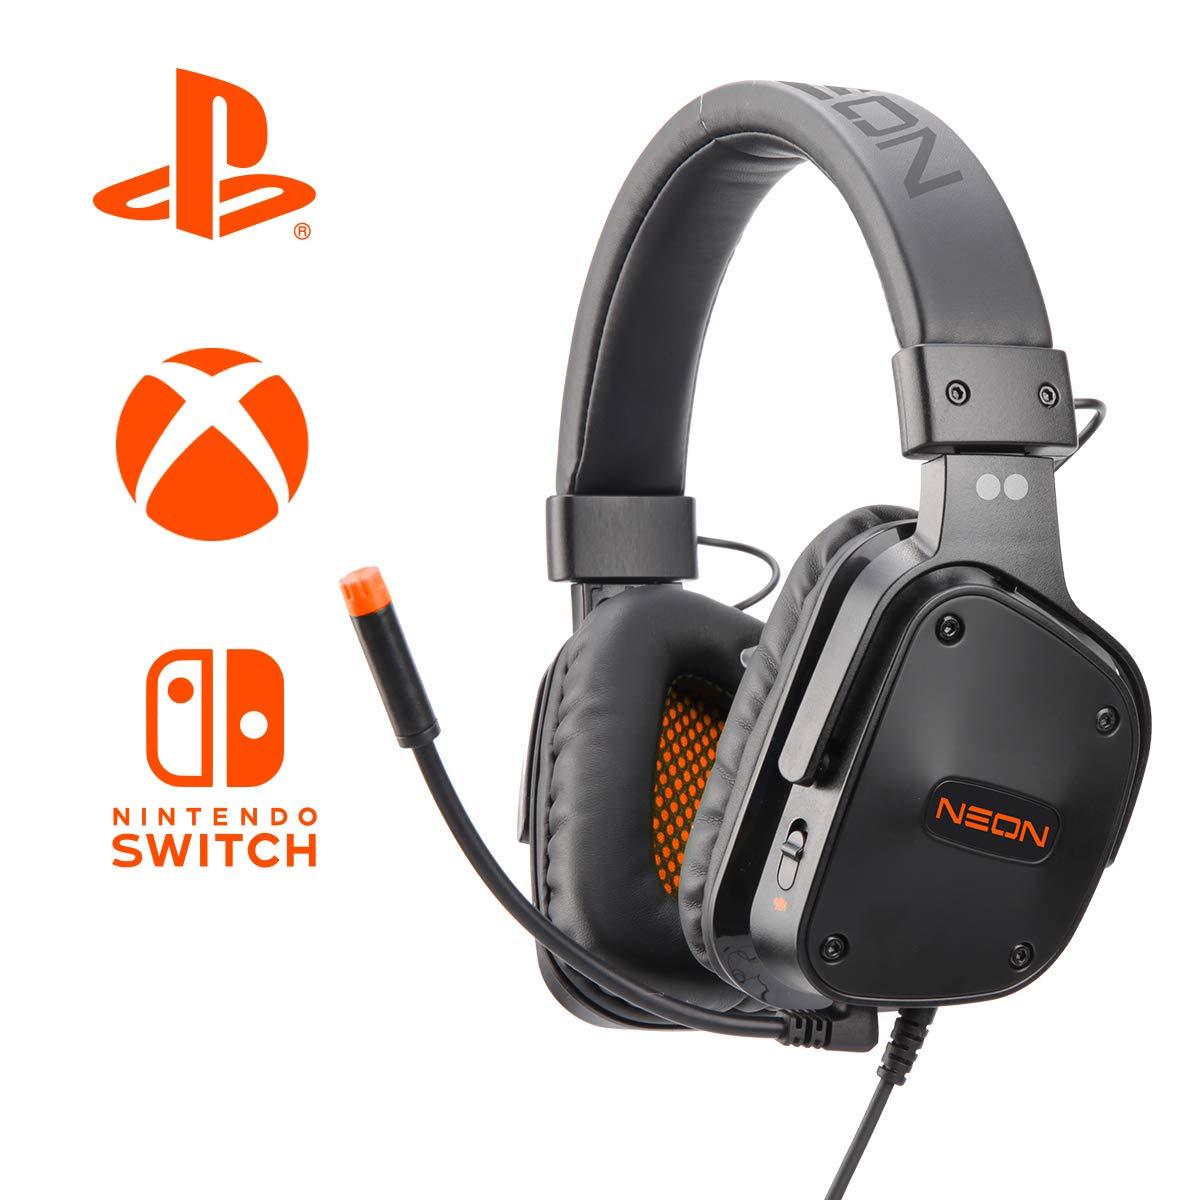 PS4 / XBOX ONE / SWITCH用2ドットゲーミングヘッドセットネオン - オレンジ(PS4) B07JVBVMLL